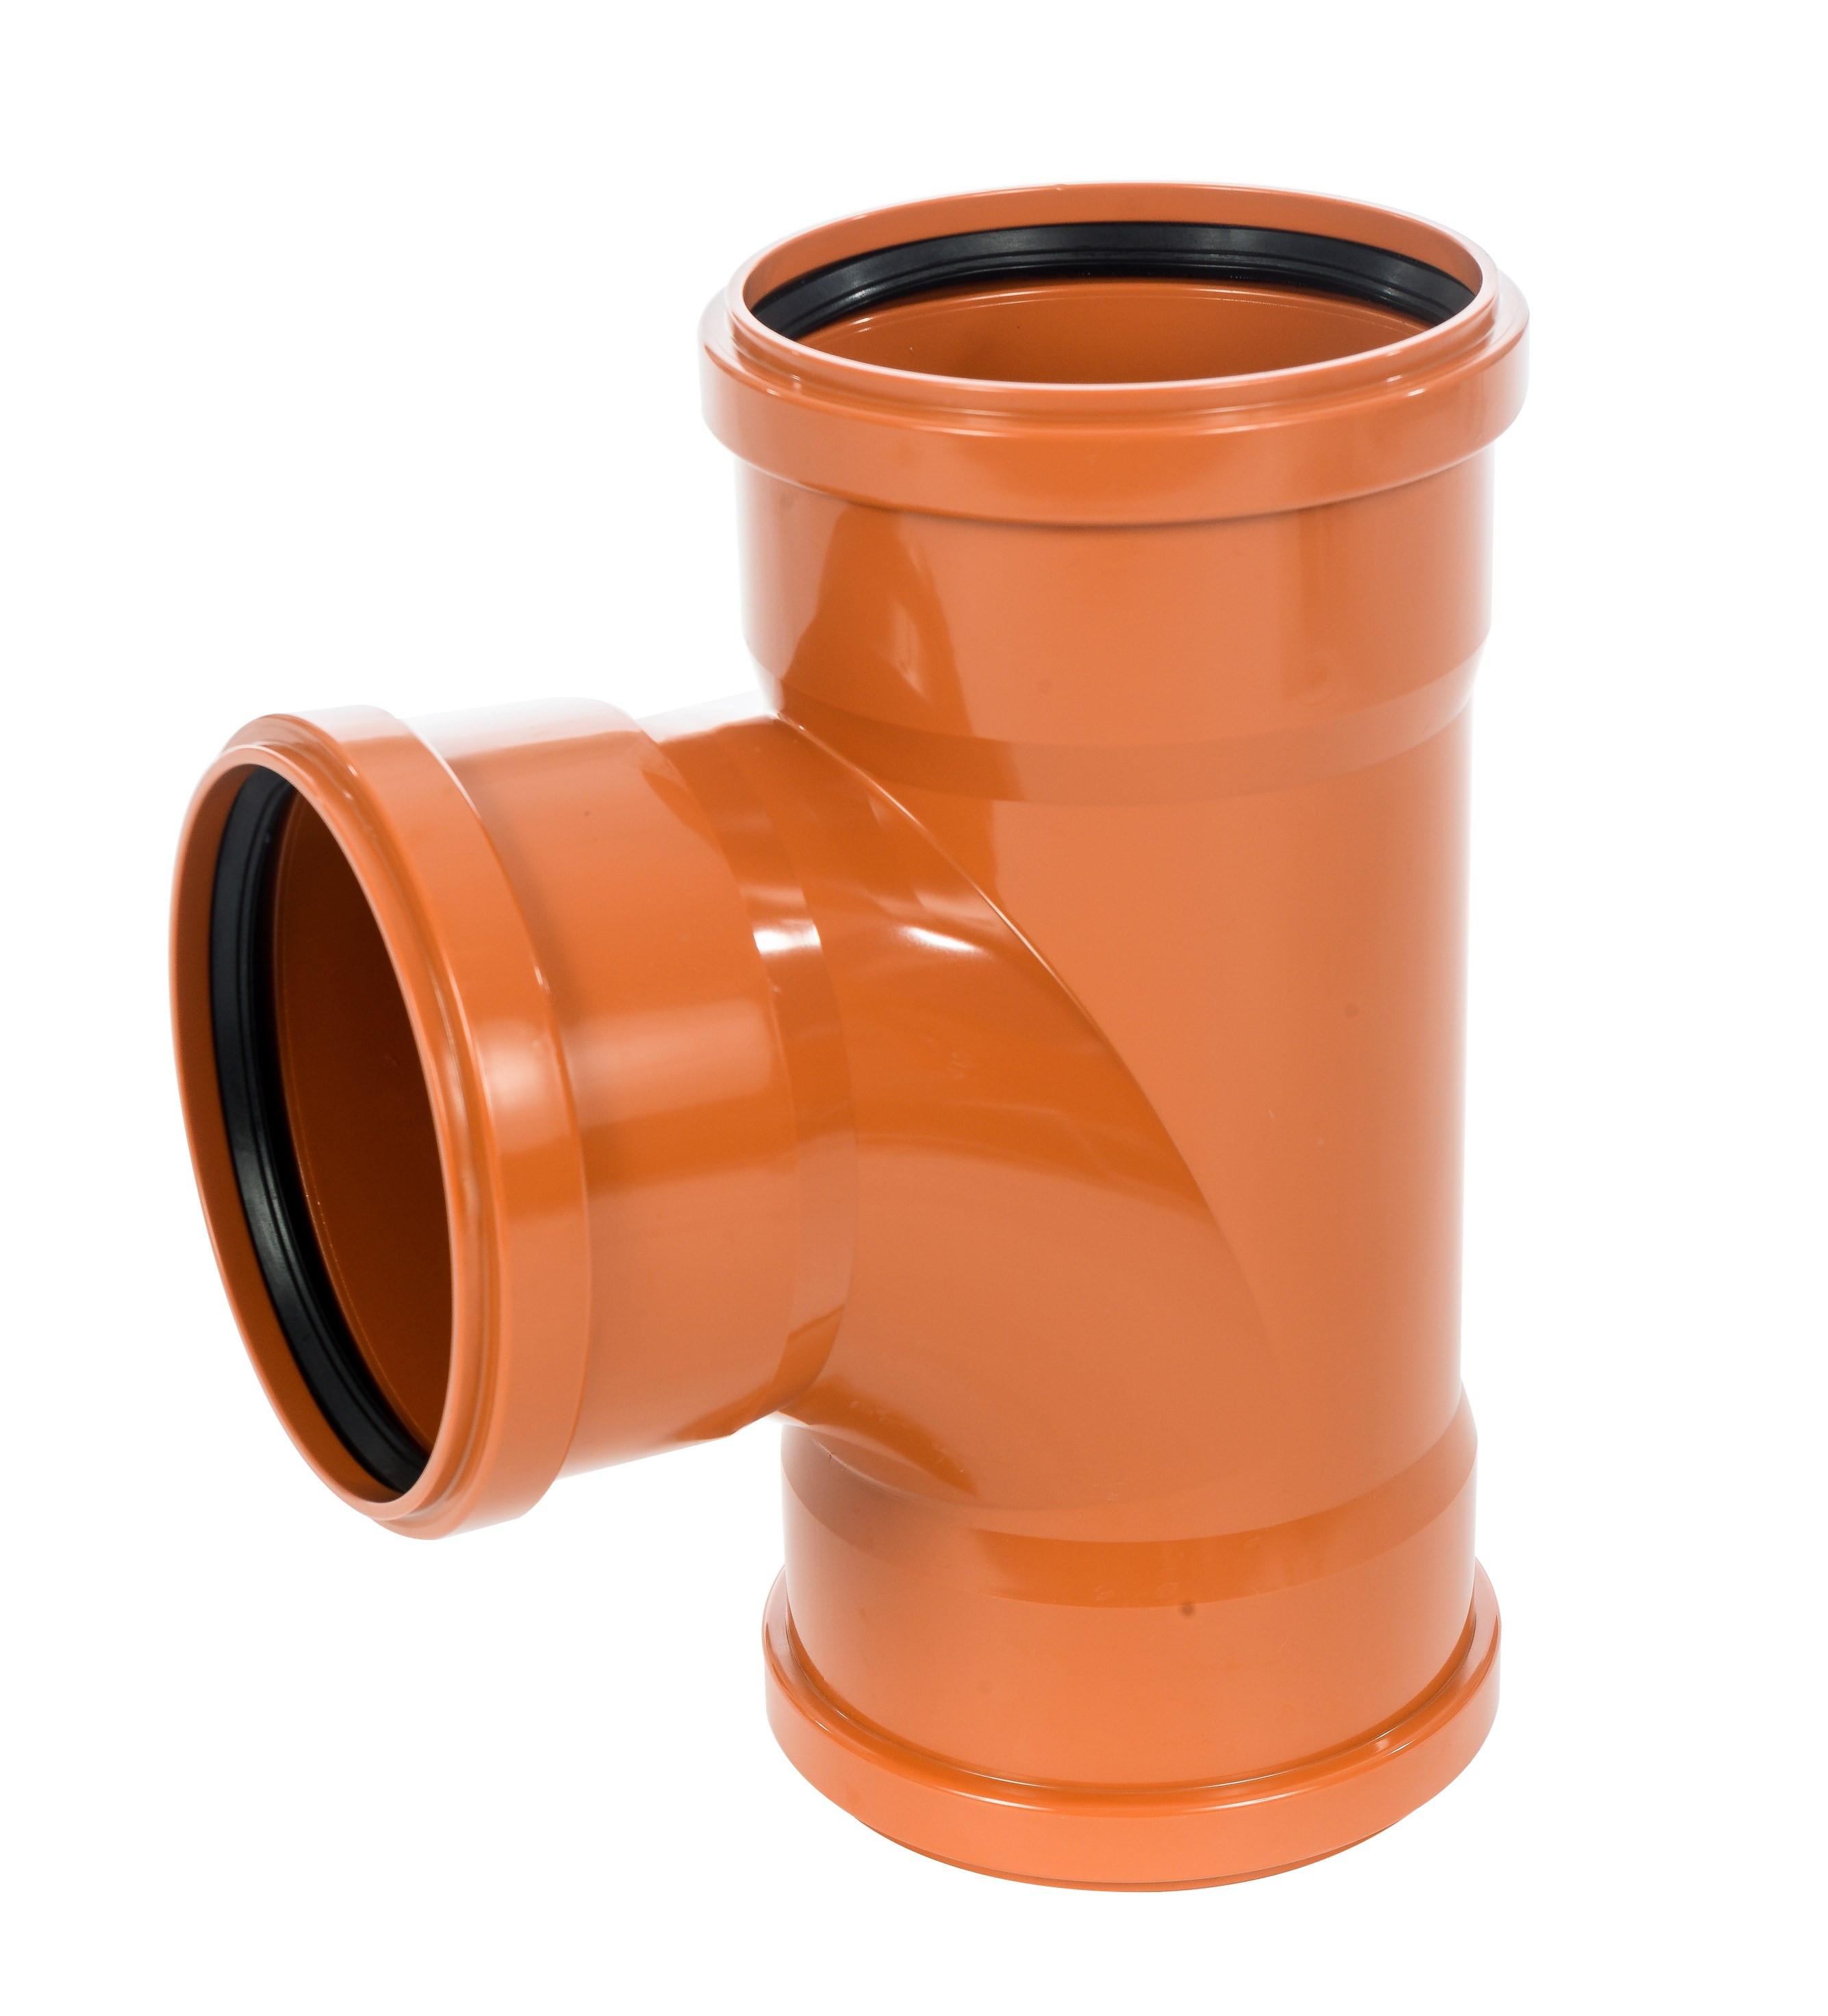 Sewer T 90 degreeree Triple Socket 225x110mm